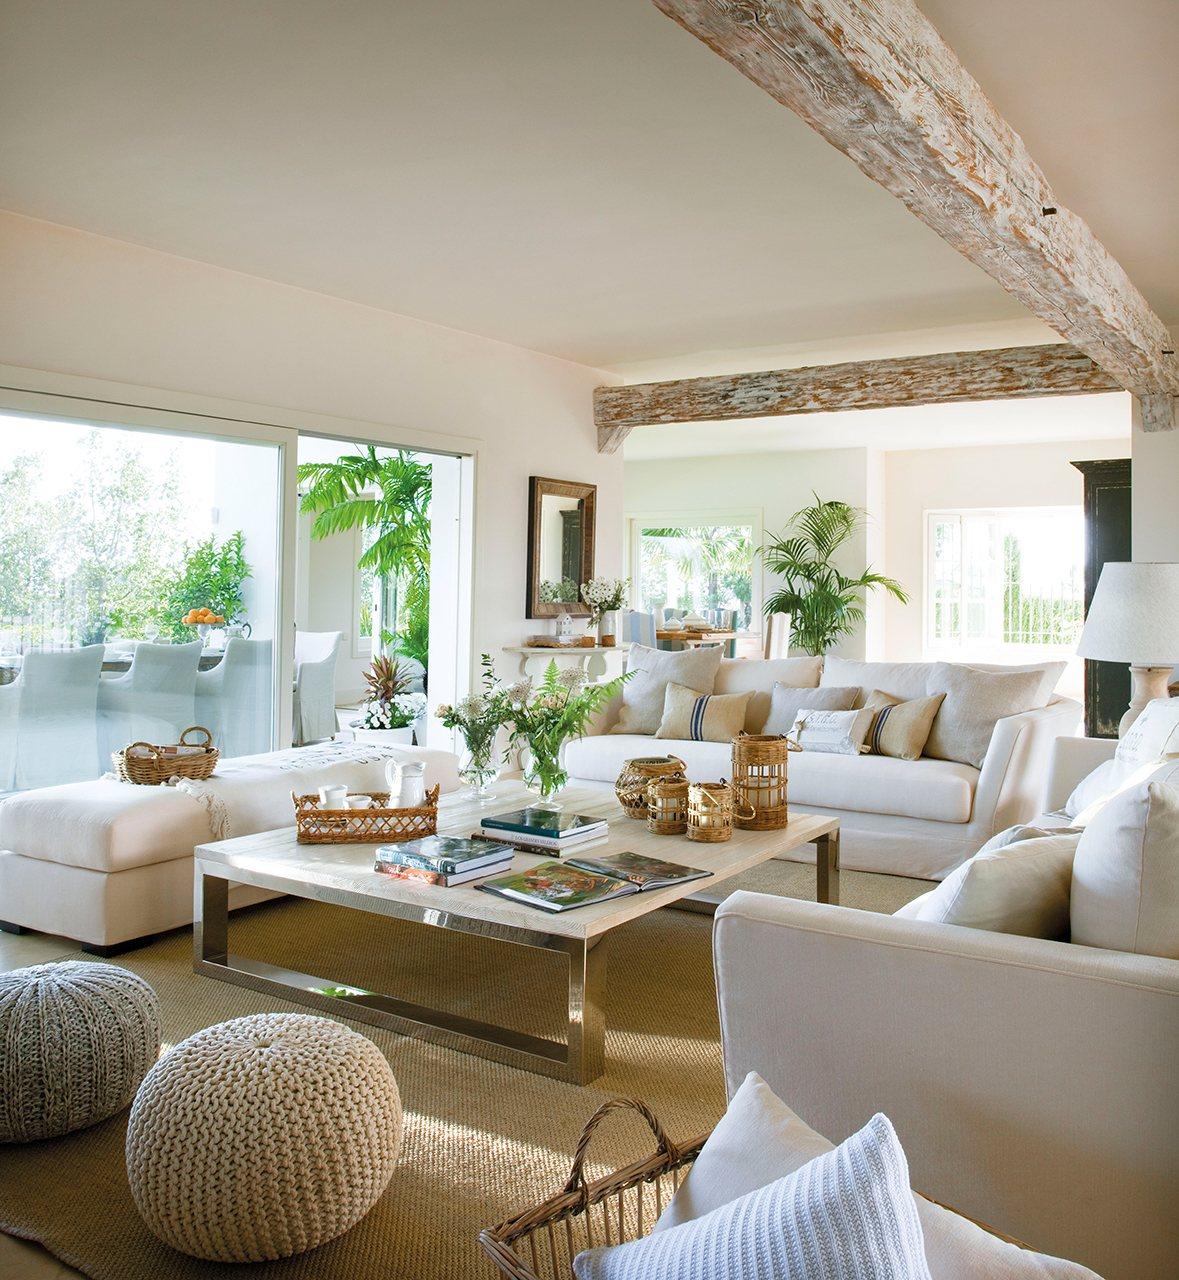 12 buenas ideas para decorar el sal n con estilo - Decorar salon en l ...